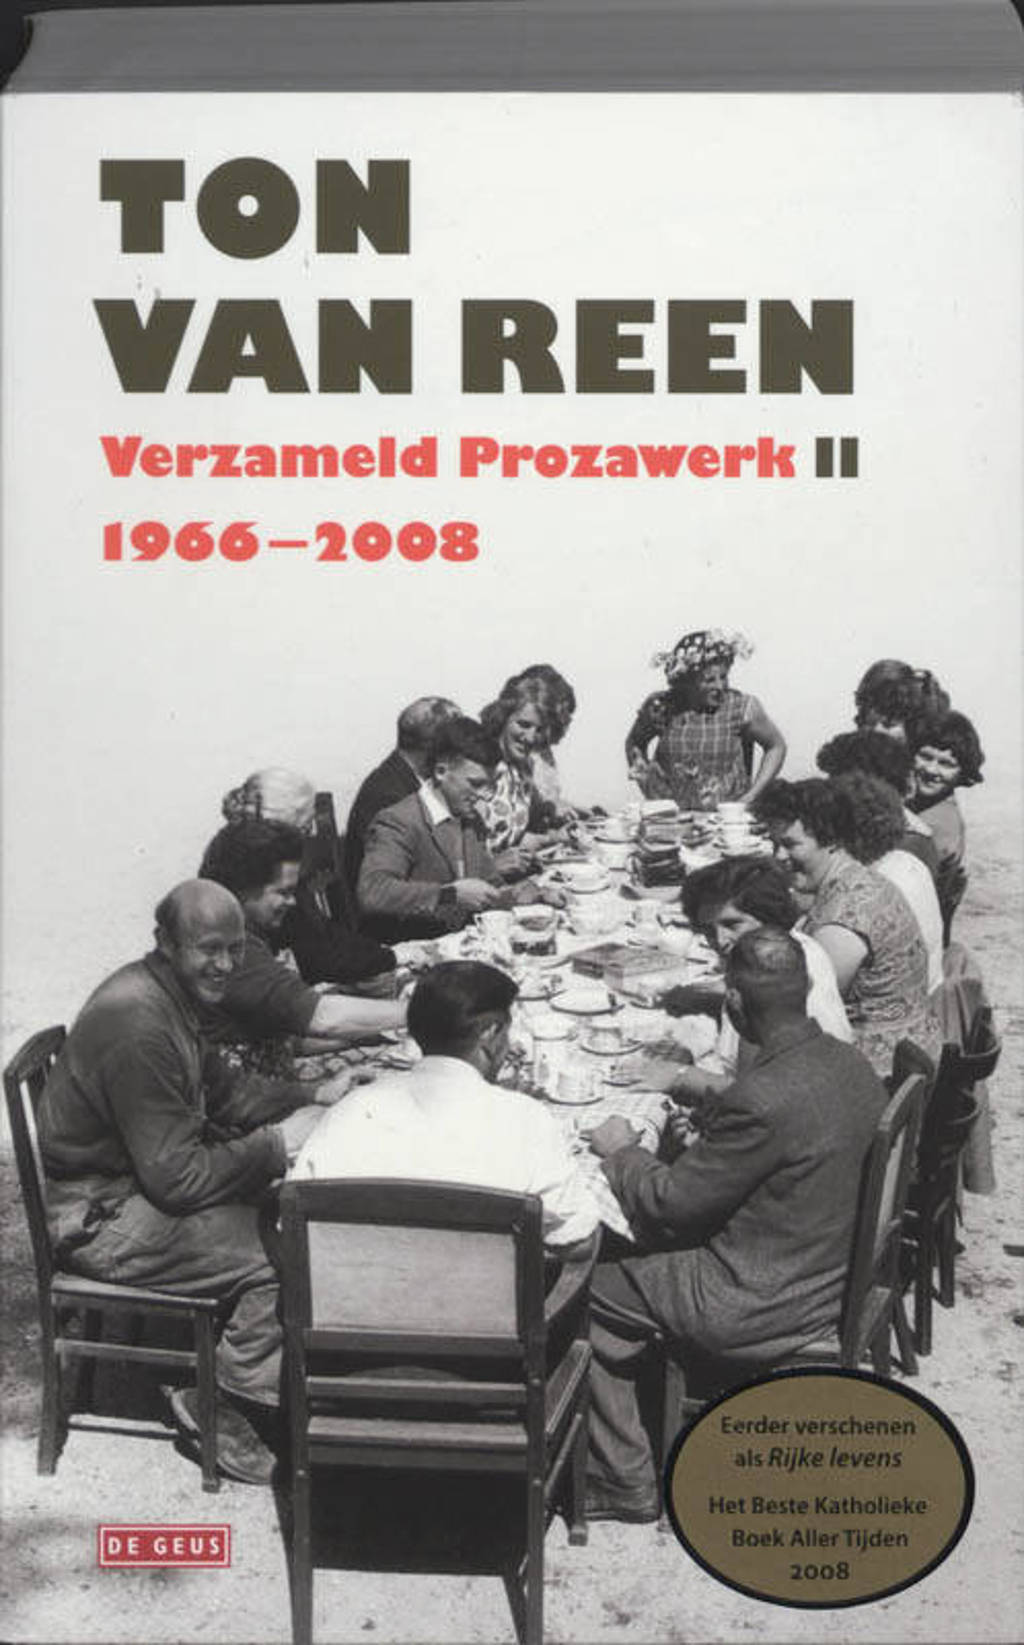 Verzameld Prozawerk II, 1966-2008 - Ton van Reen